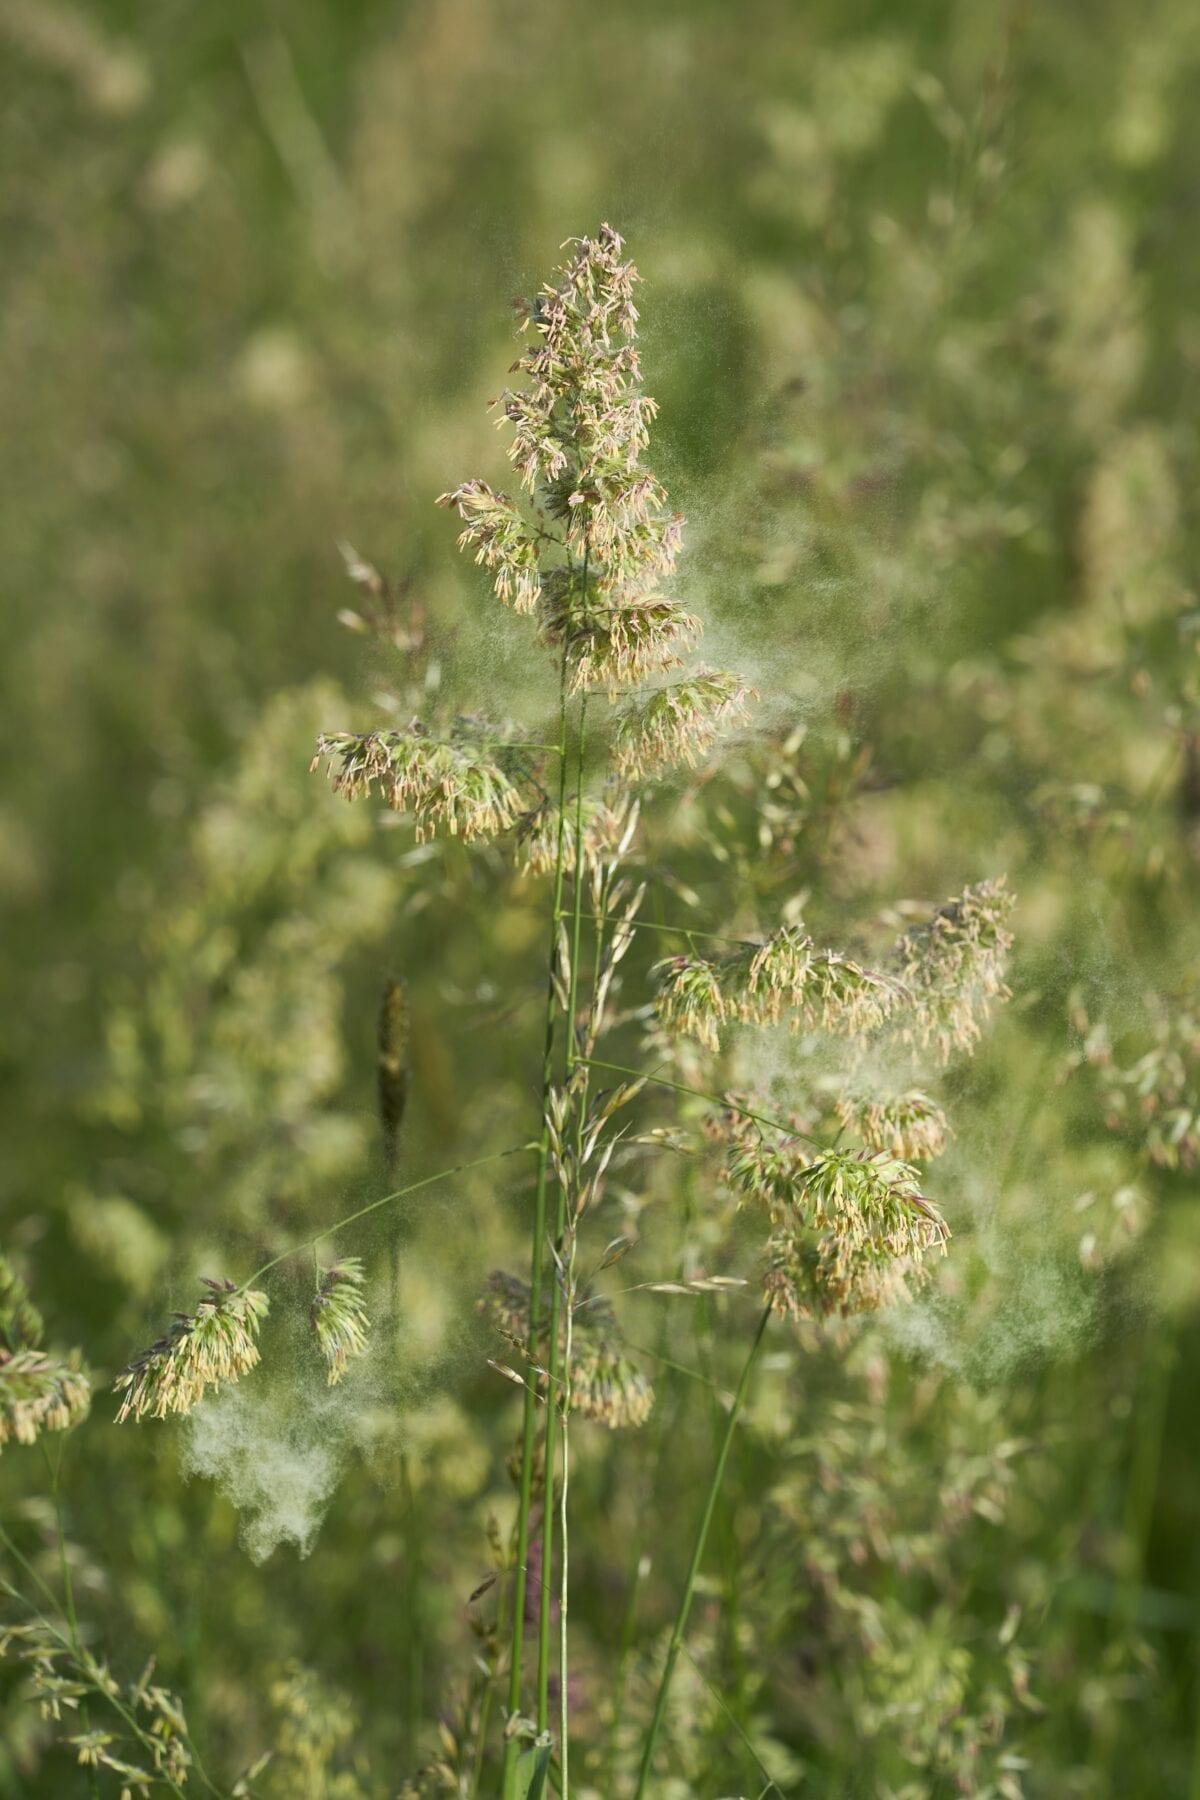 Plant met pollen